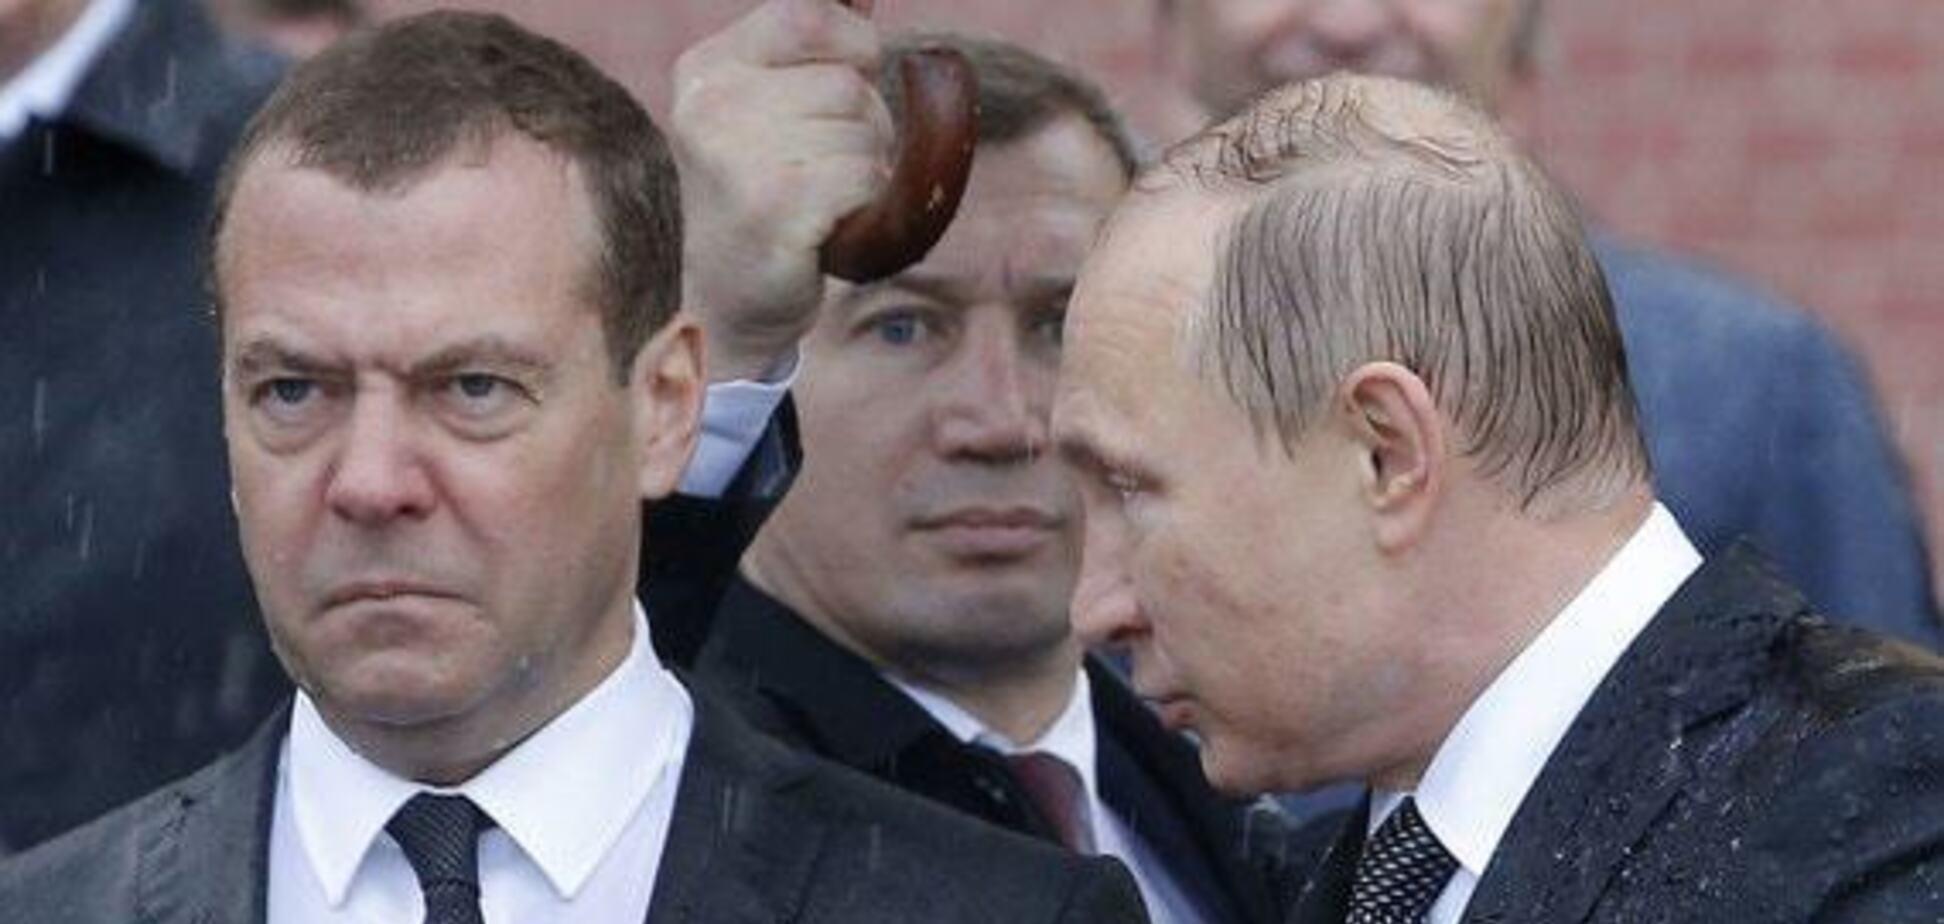 Путін 'прибере' Медведєва? З'явилися неоднозначні сигнали з Кремля